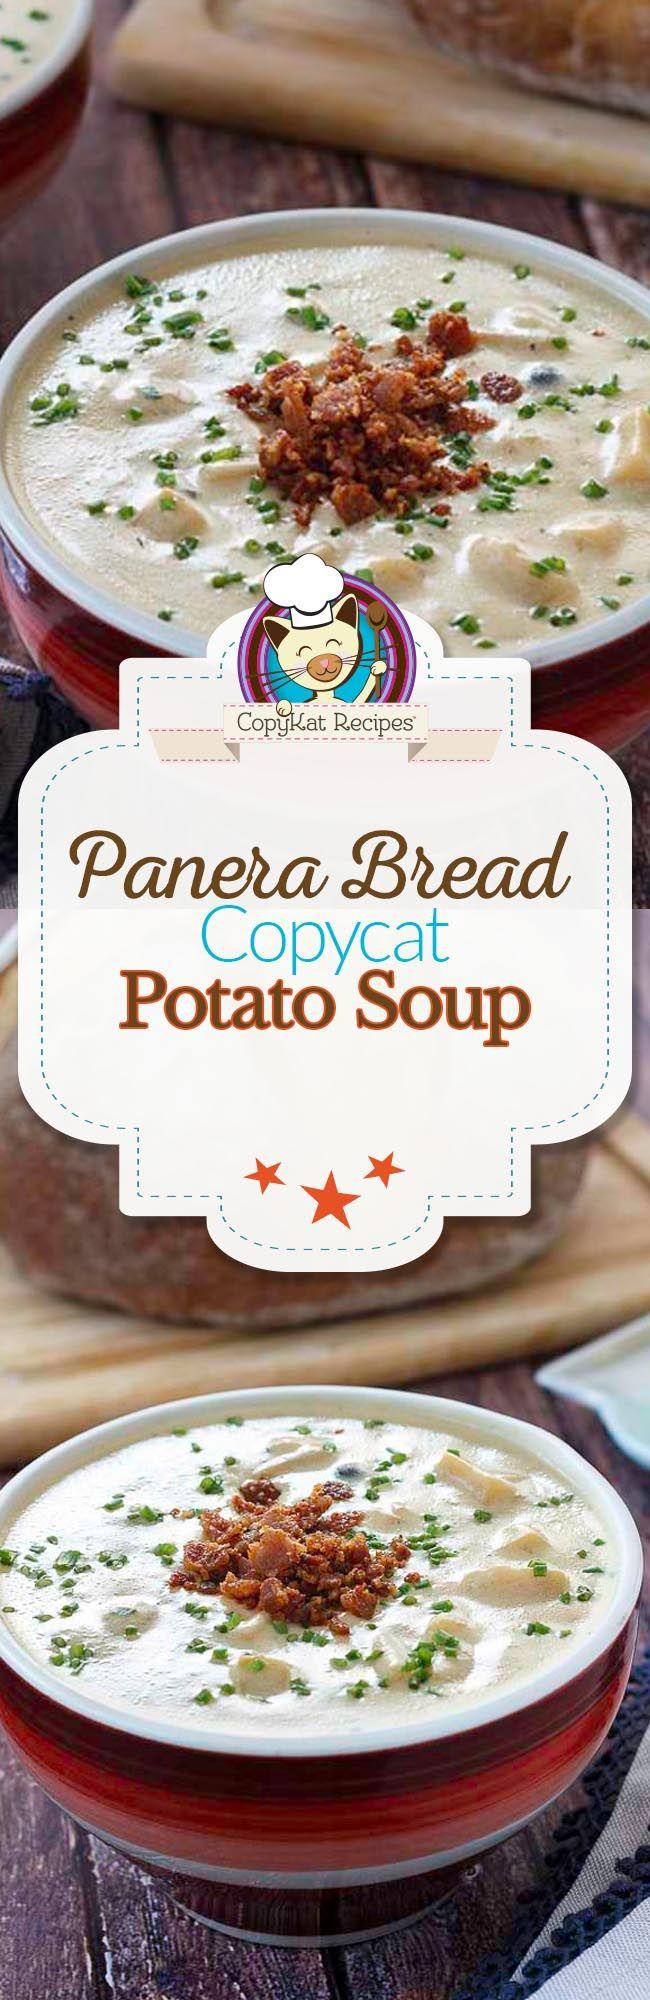 Panera Bread Baked Potato Soup | Recipe | Creamy potato soup ...